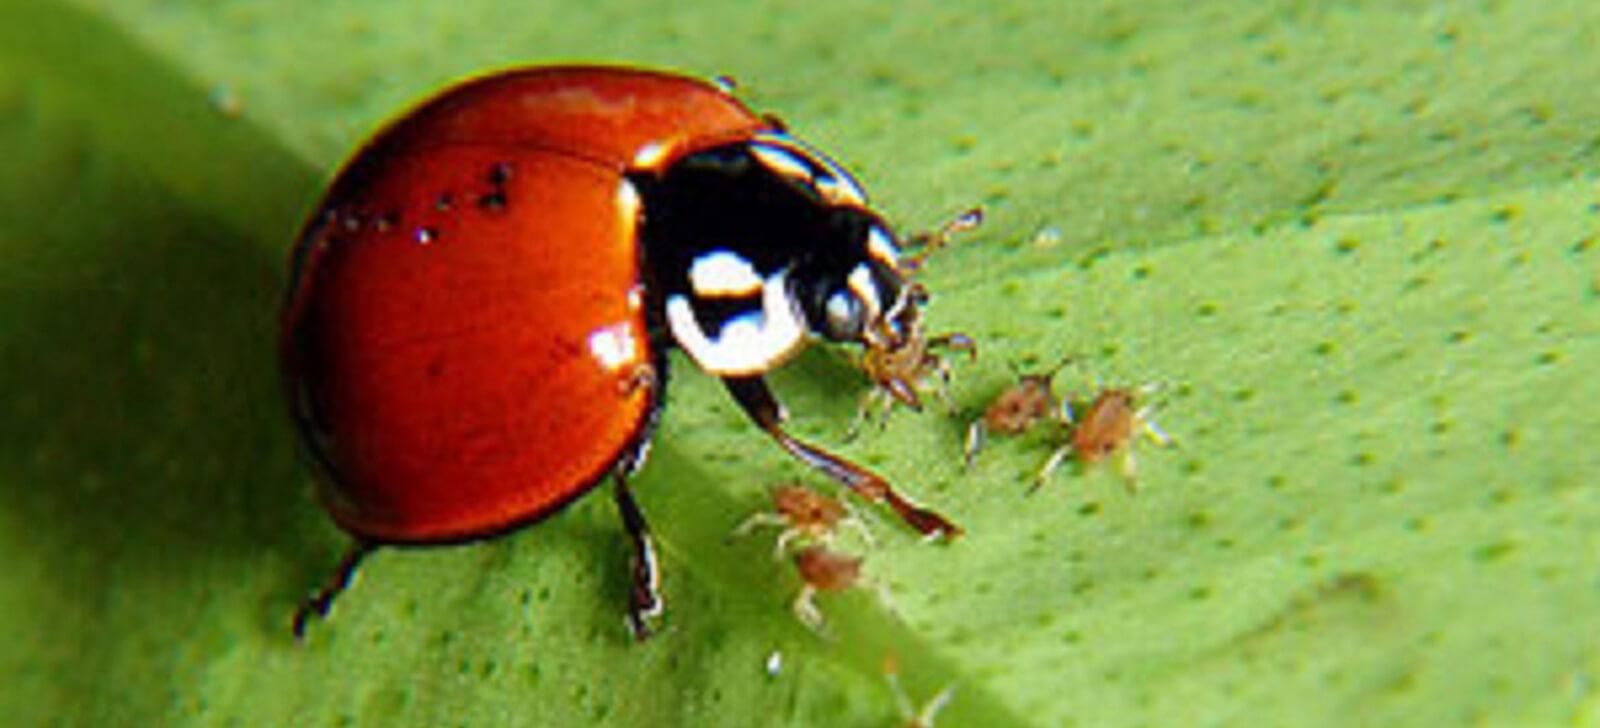 promip manejo integrado de pragas controle insetos e acaros ajudam a agricultura final (3)